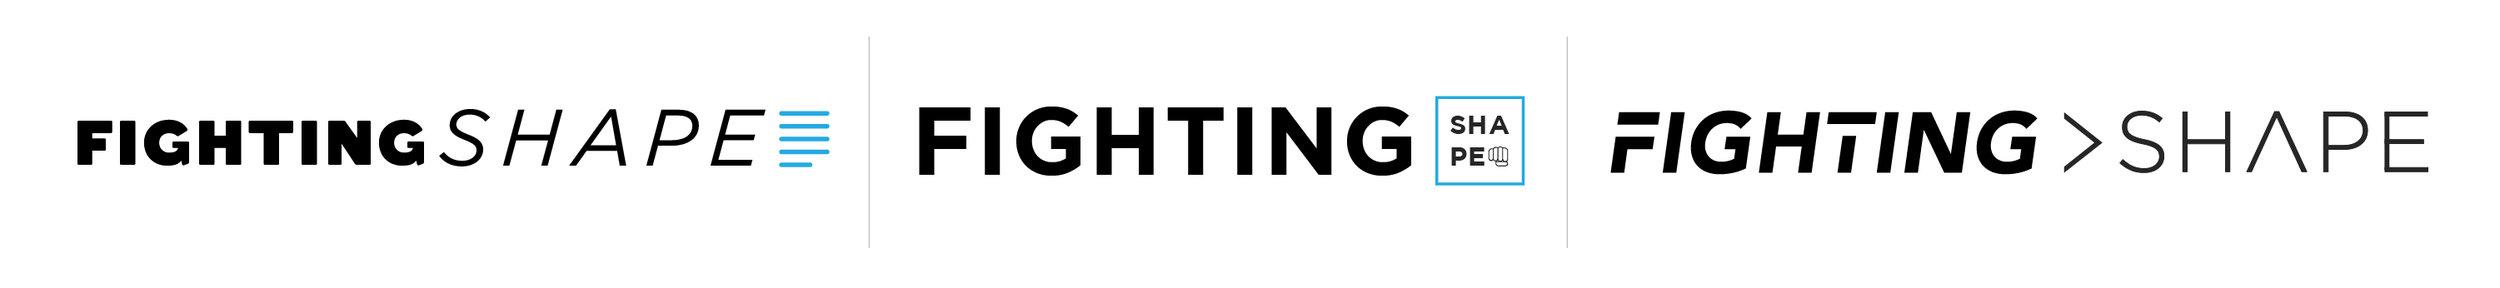 FightingShape_FirstLook-04.jpg